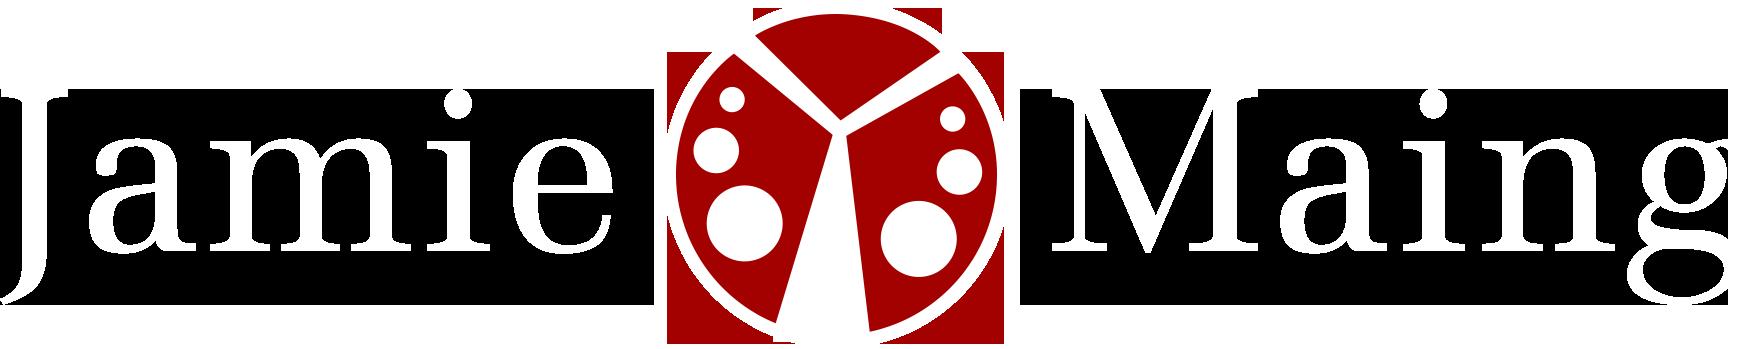 logo-white-2017